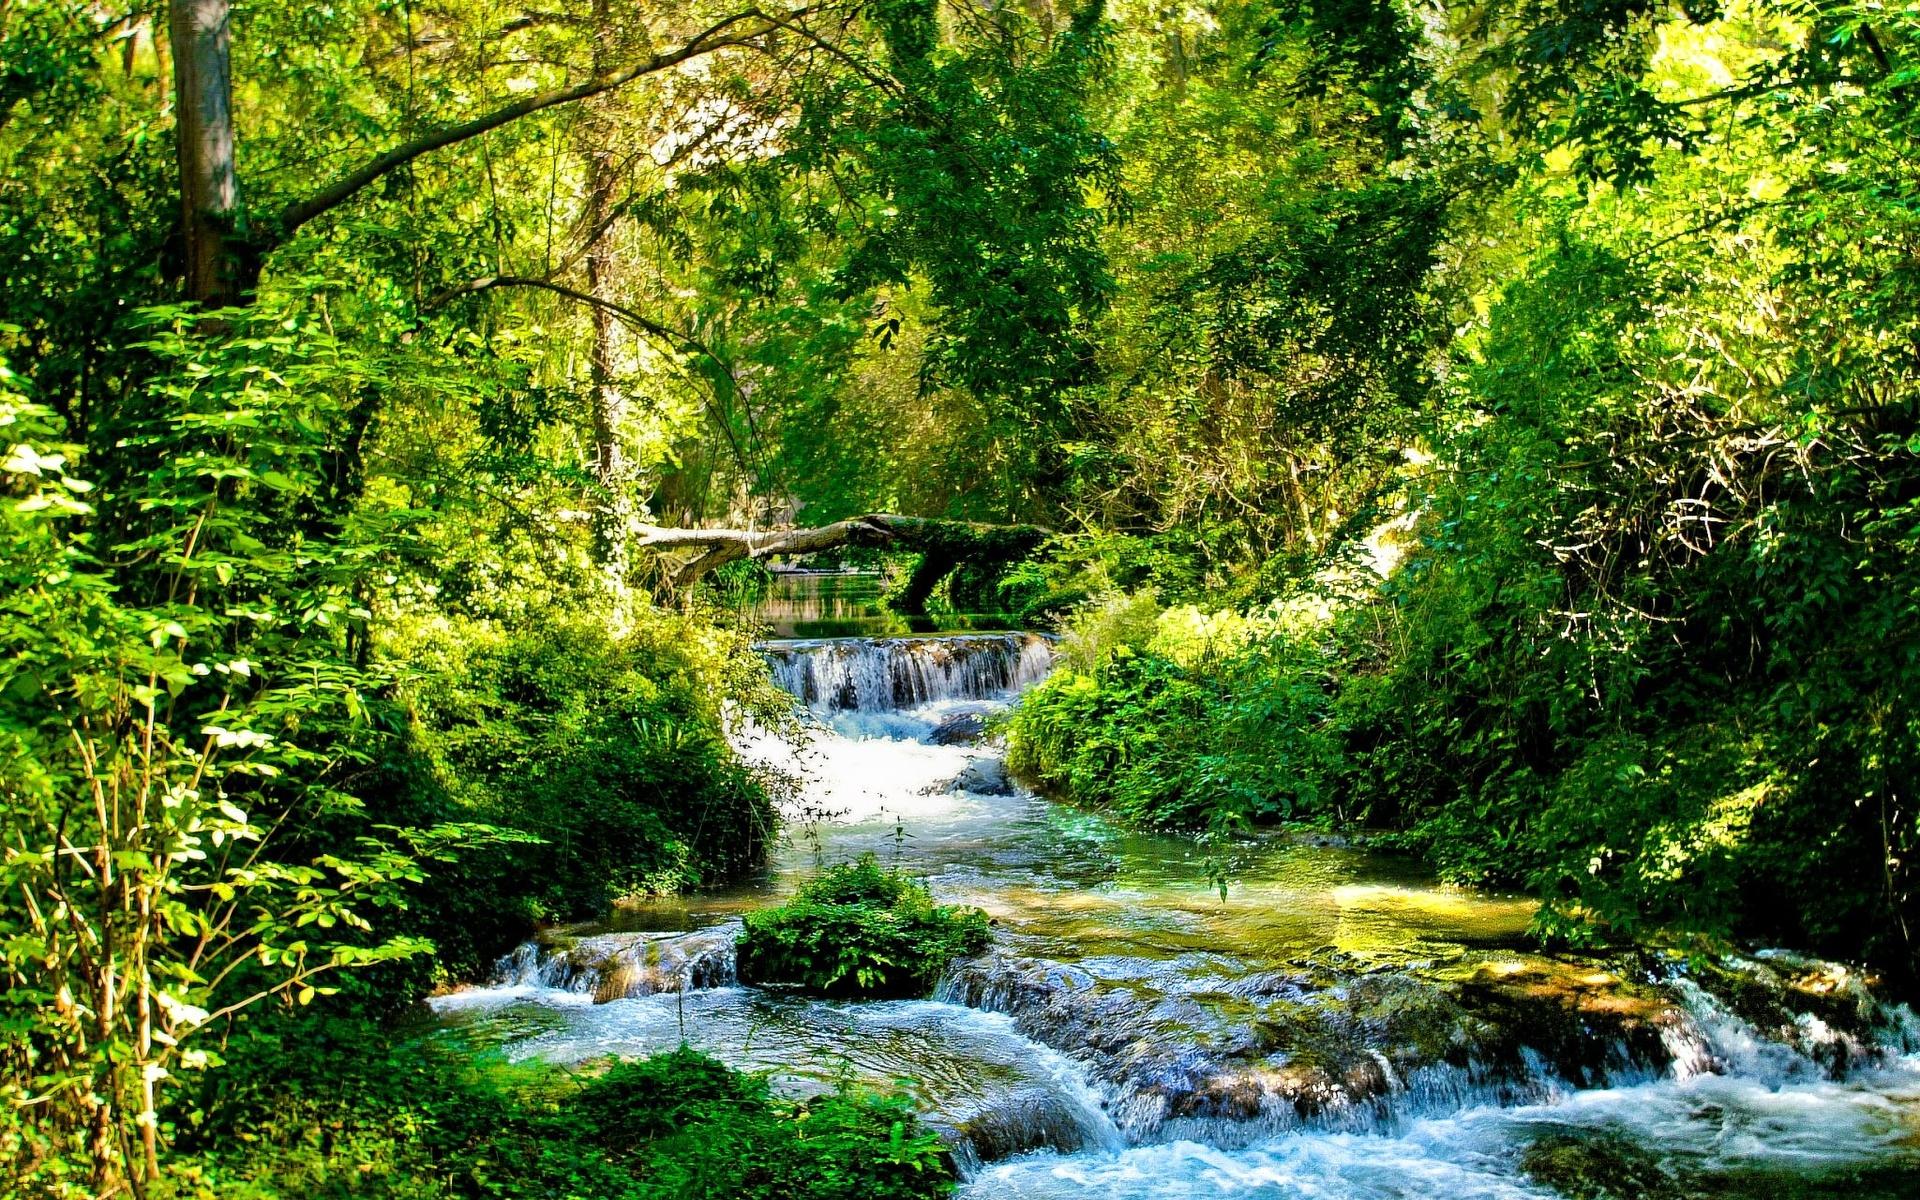 лесной ручей  № 1489972 бесплатно